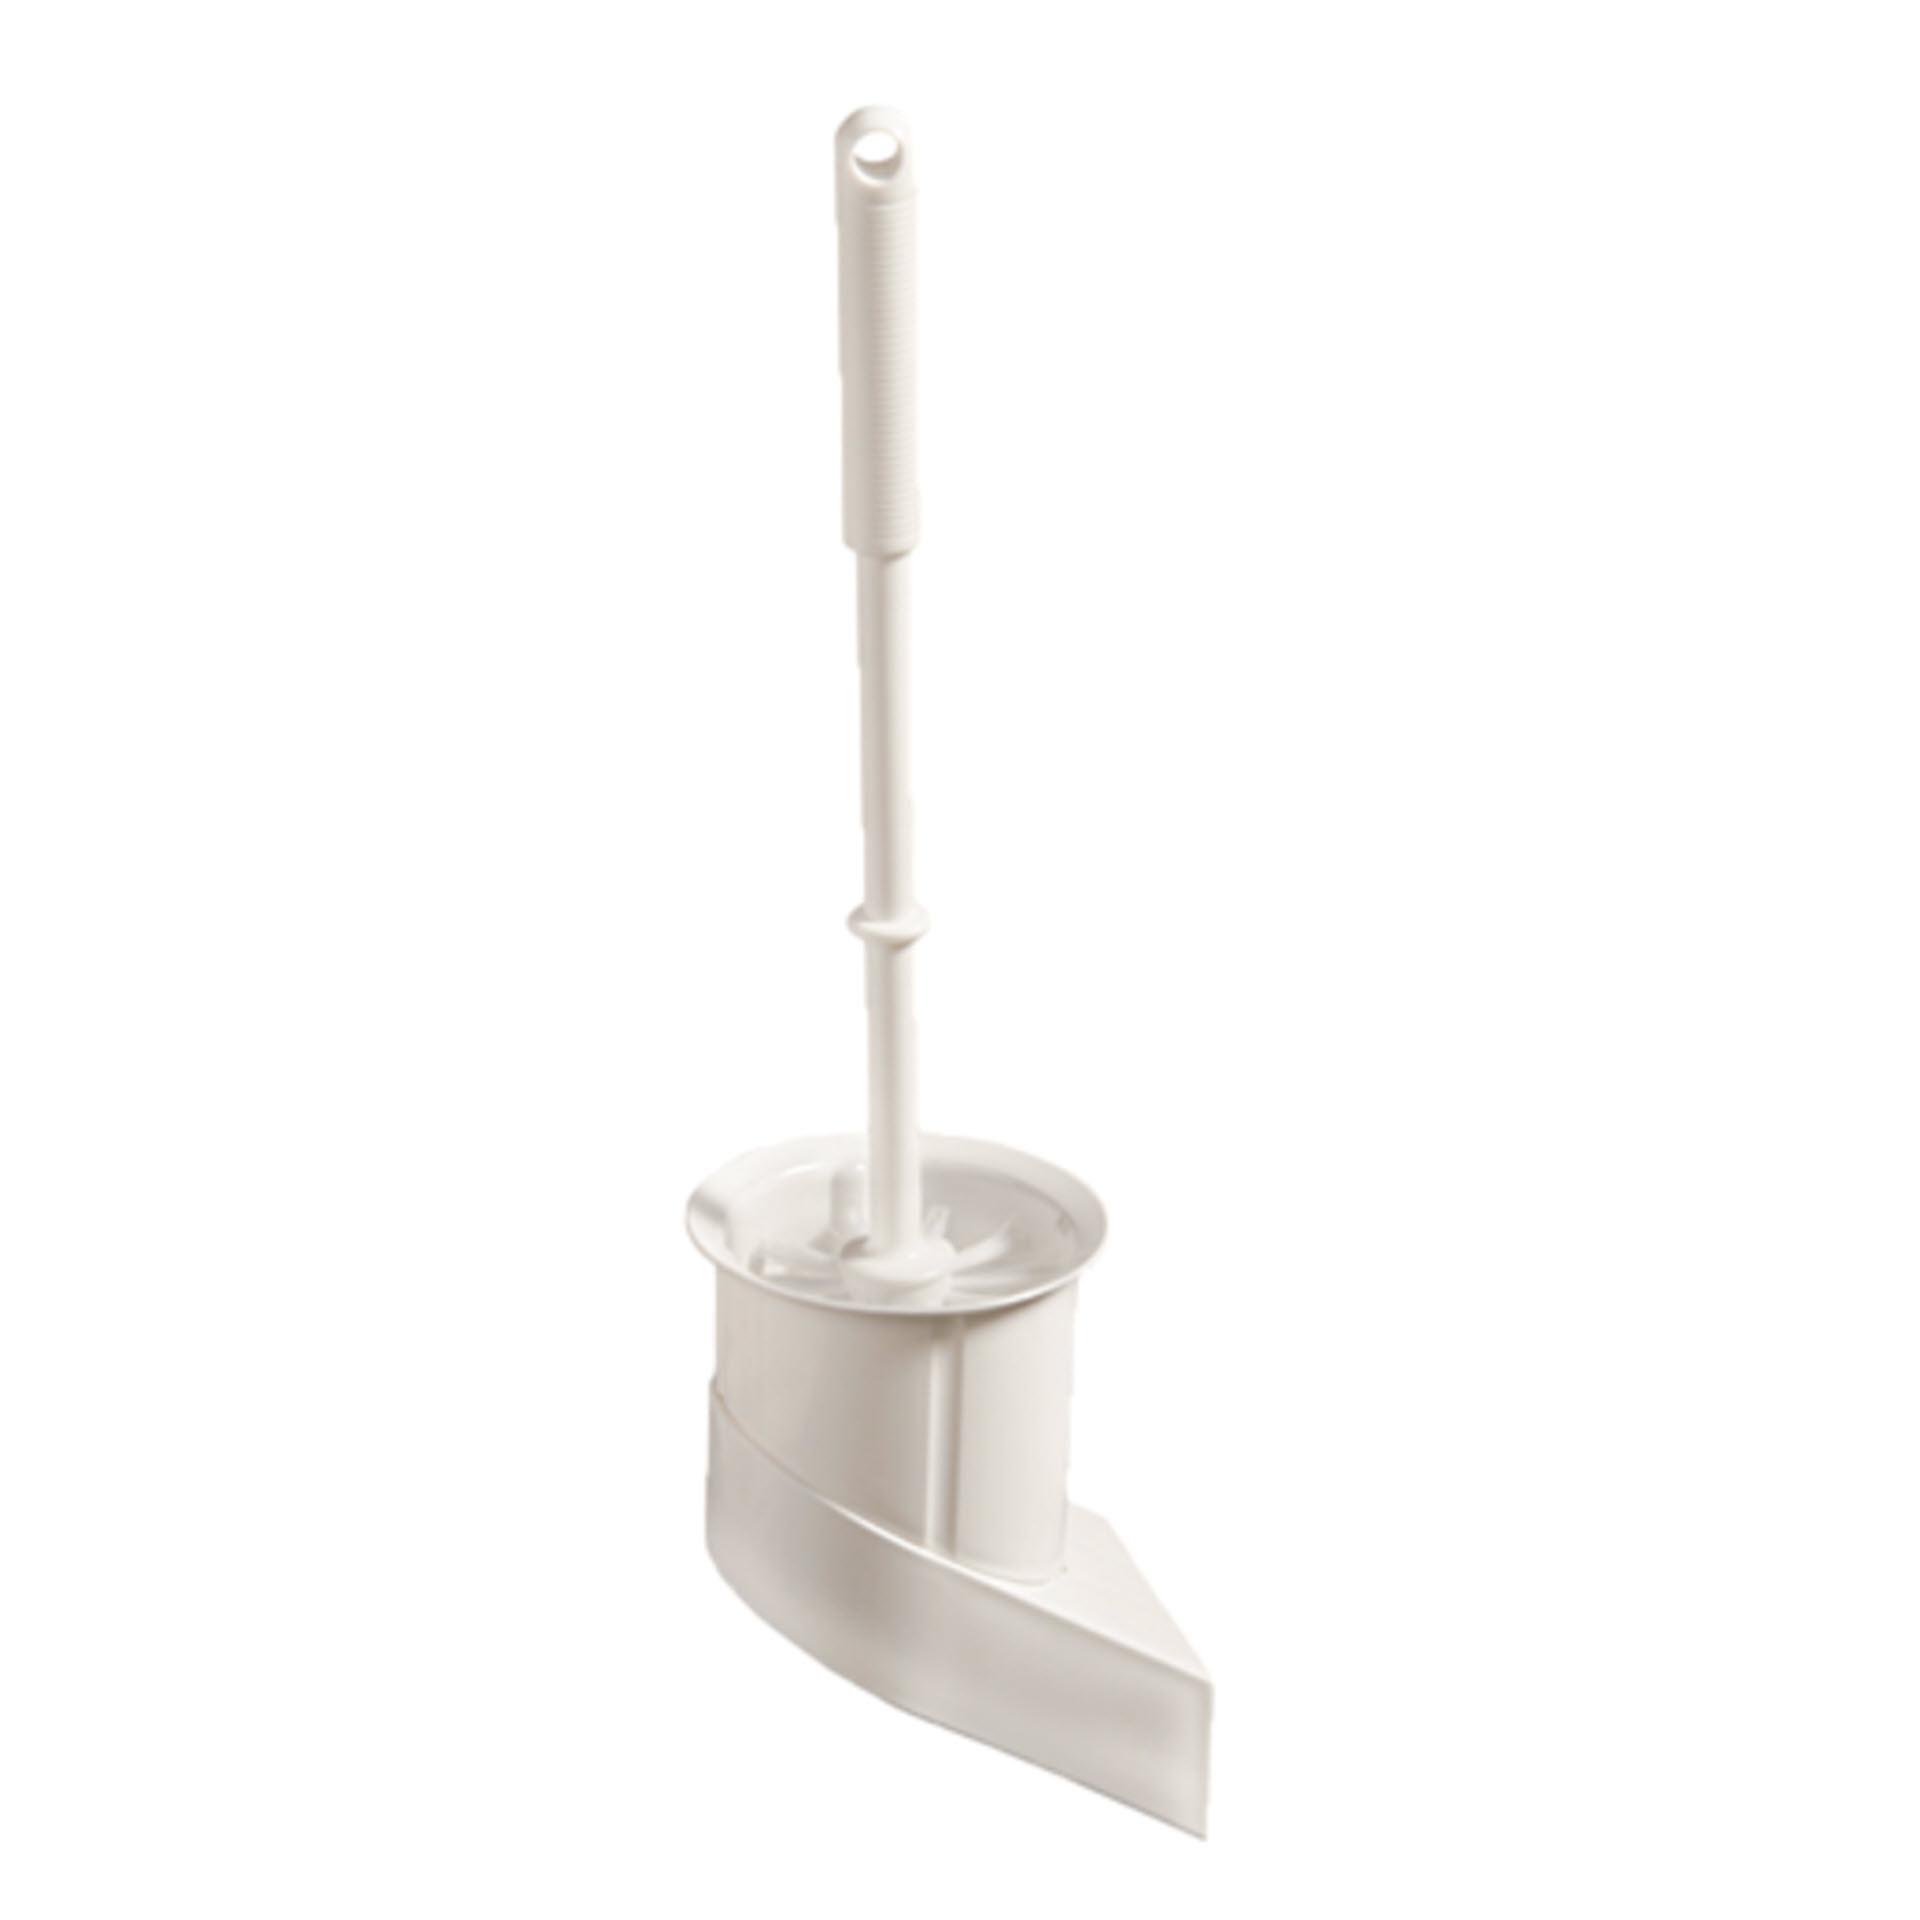 Haug WC-Wandgarnitur weiß mit Rundbürste - Haug Art.Nr. 6700